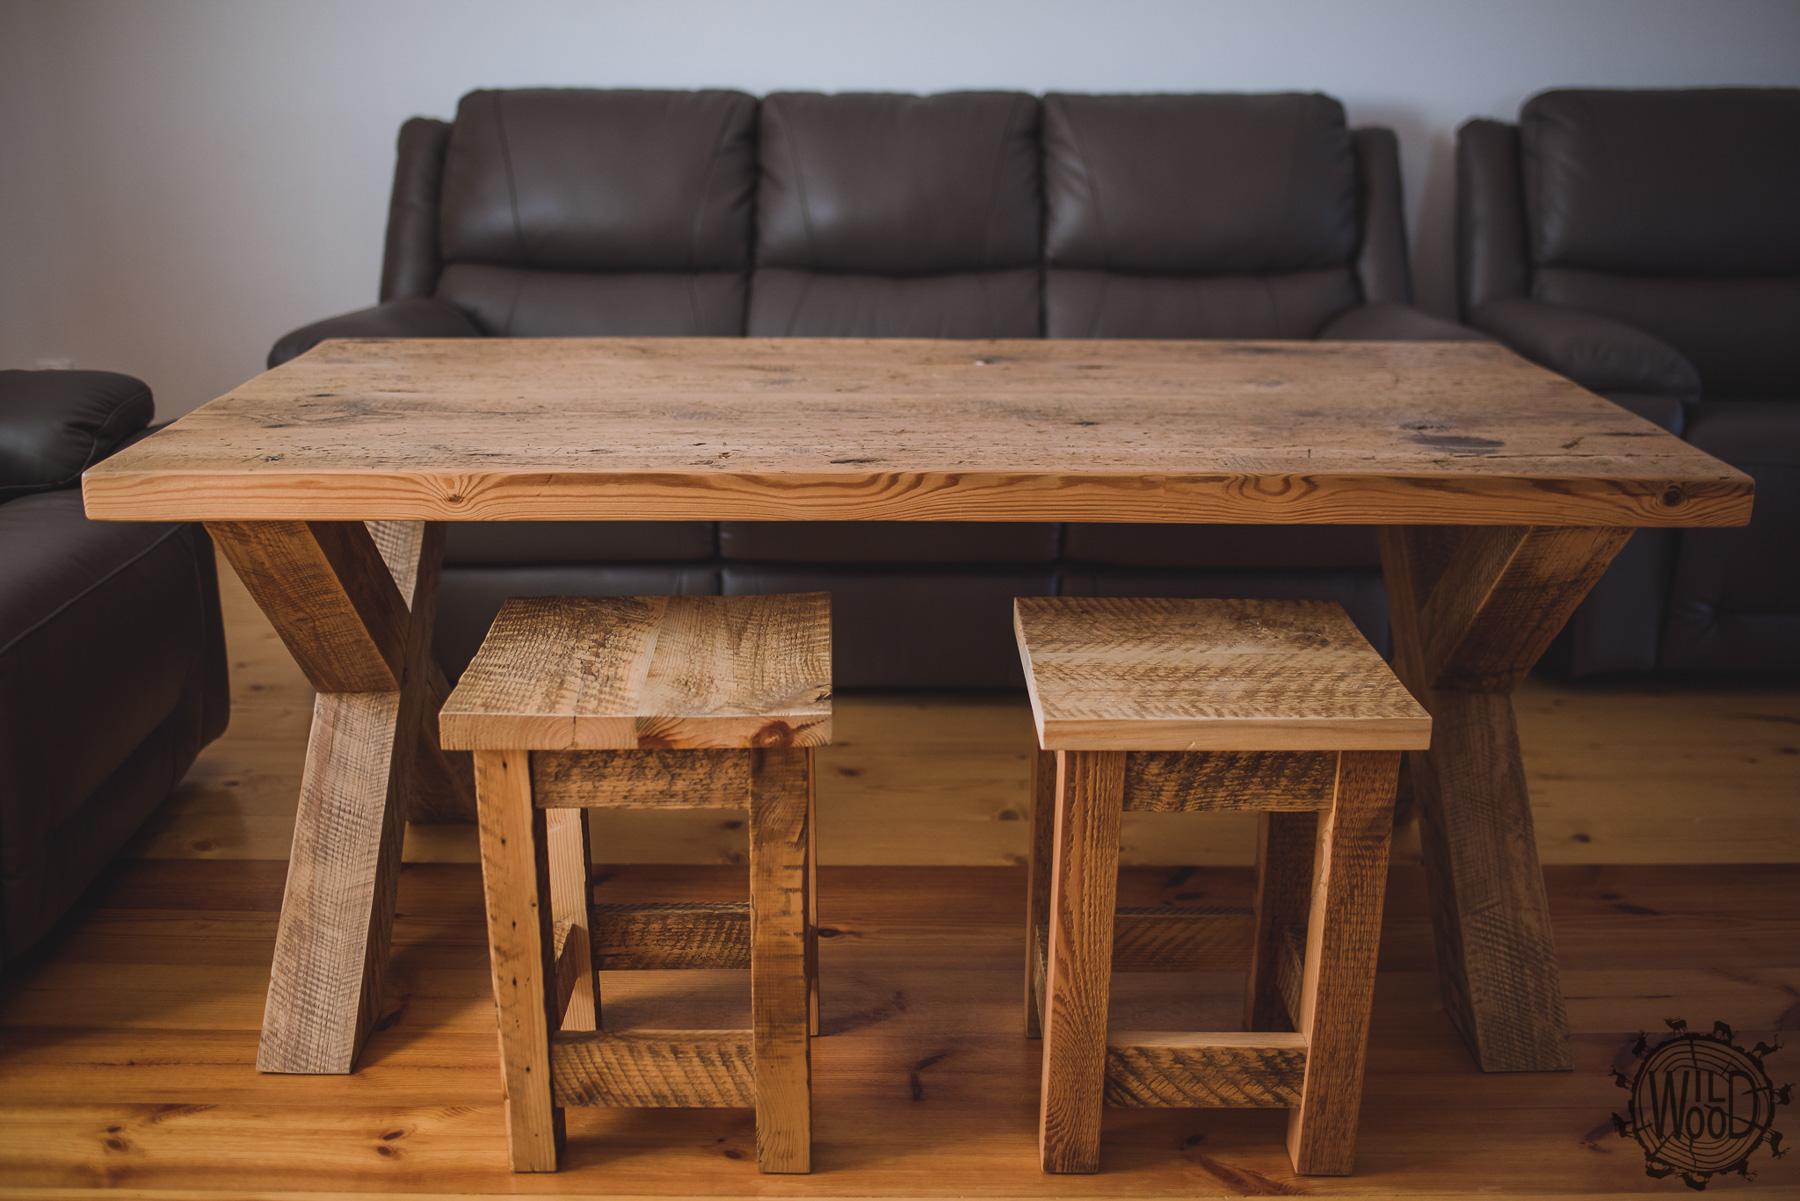 nietypowe meble podlaskie stolarz meble do salonu meble ze starego drewna